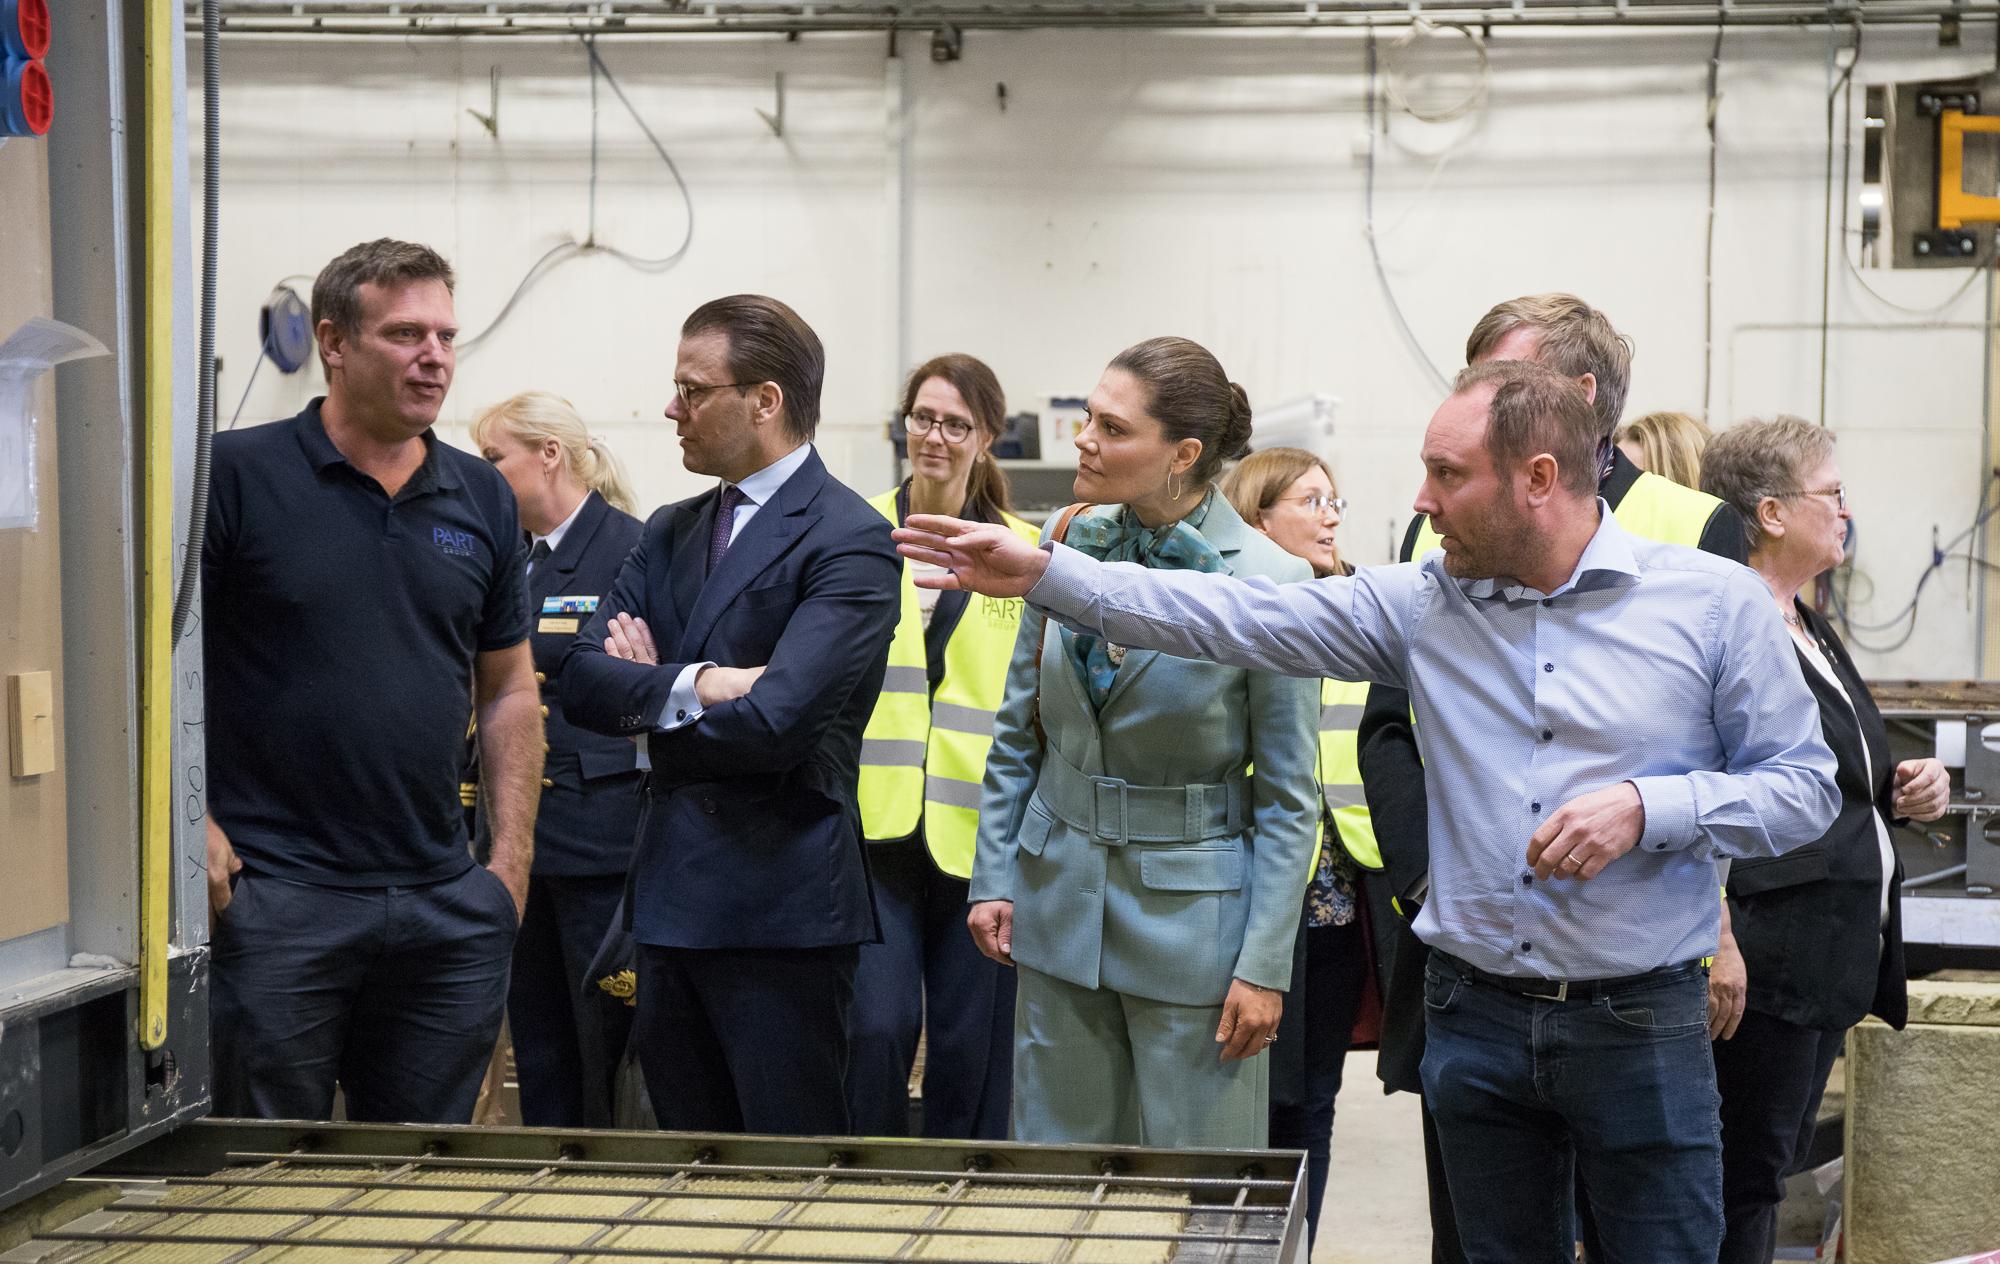 I mars 2020 besökte Kronprinsessan Victoria och prins Daniel Isolamins fabrik i Överkalix. Det blev tillfälle för en fabriksrundvandring där finbesöket bland annat kikade på de moduler som Isolamin just nu producerar till hotellprojekt XPO i Arlandastad.